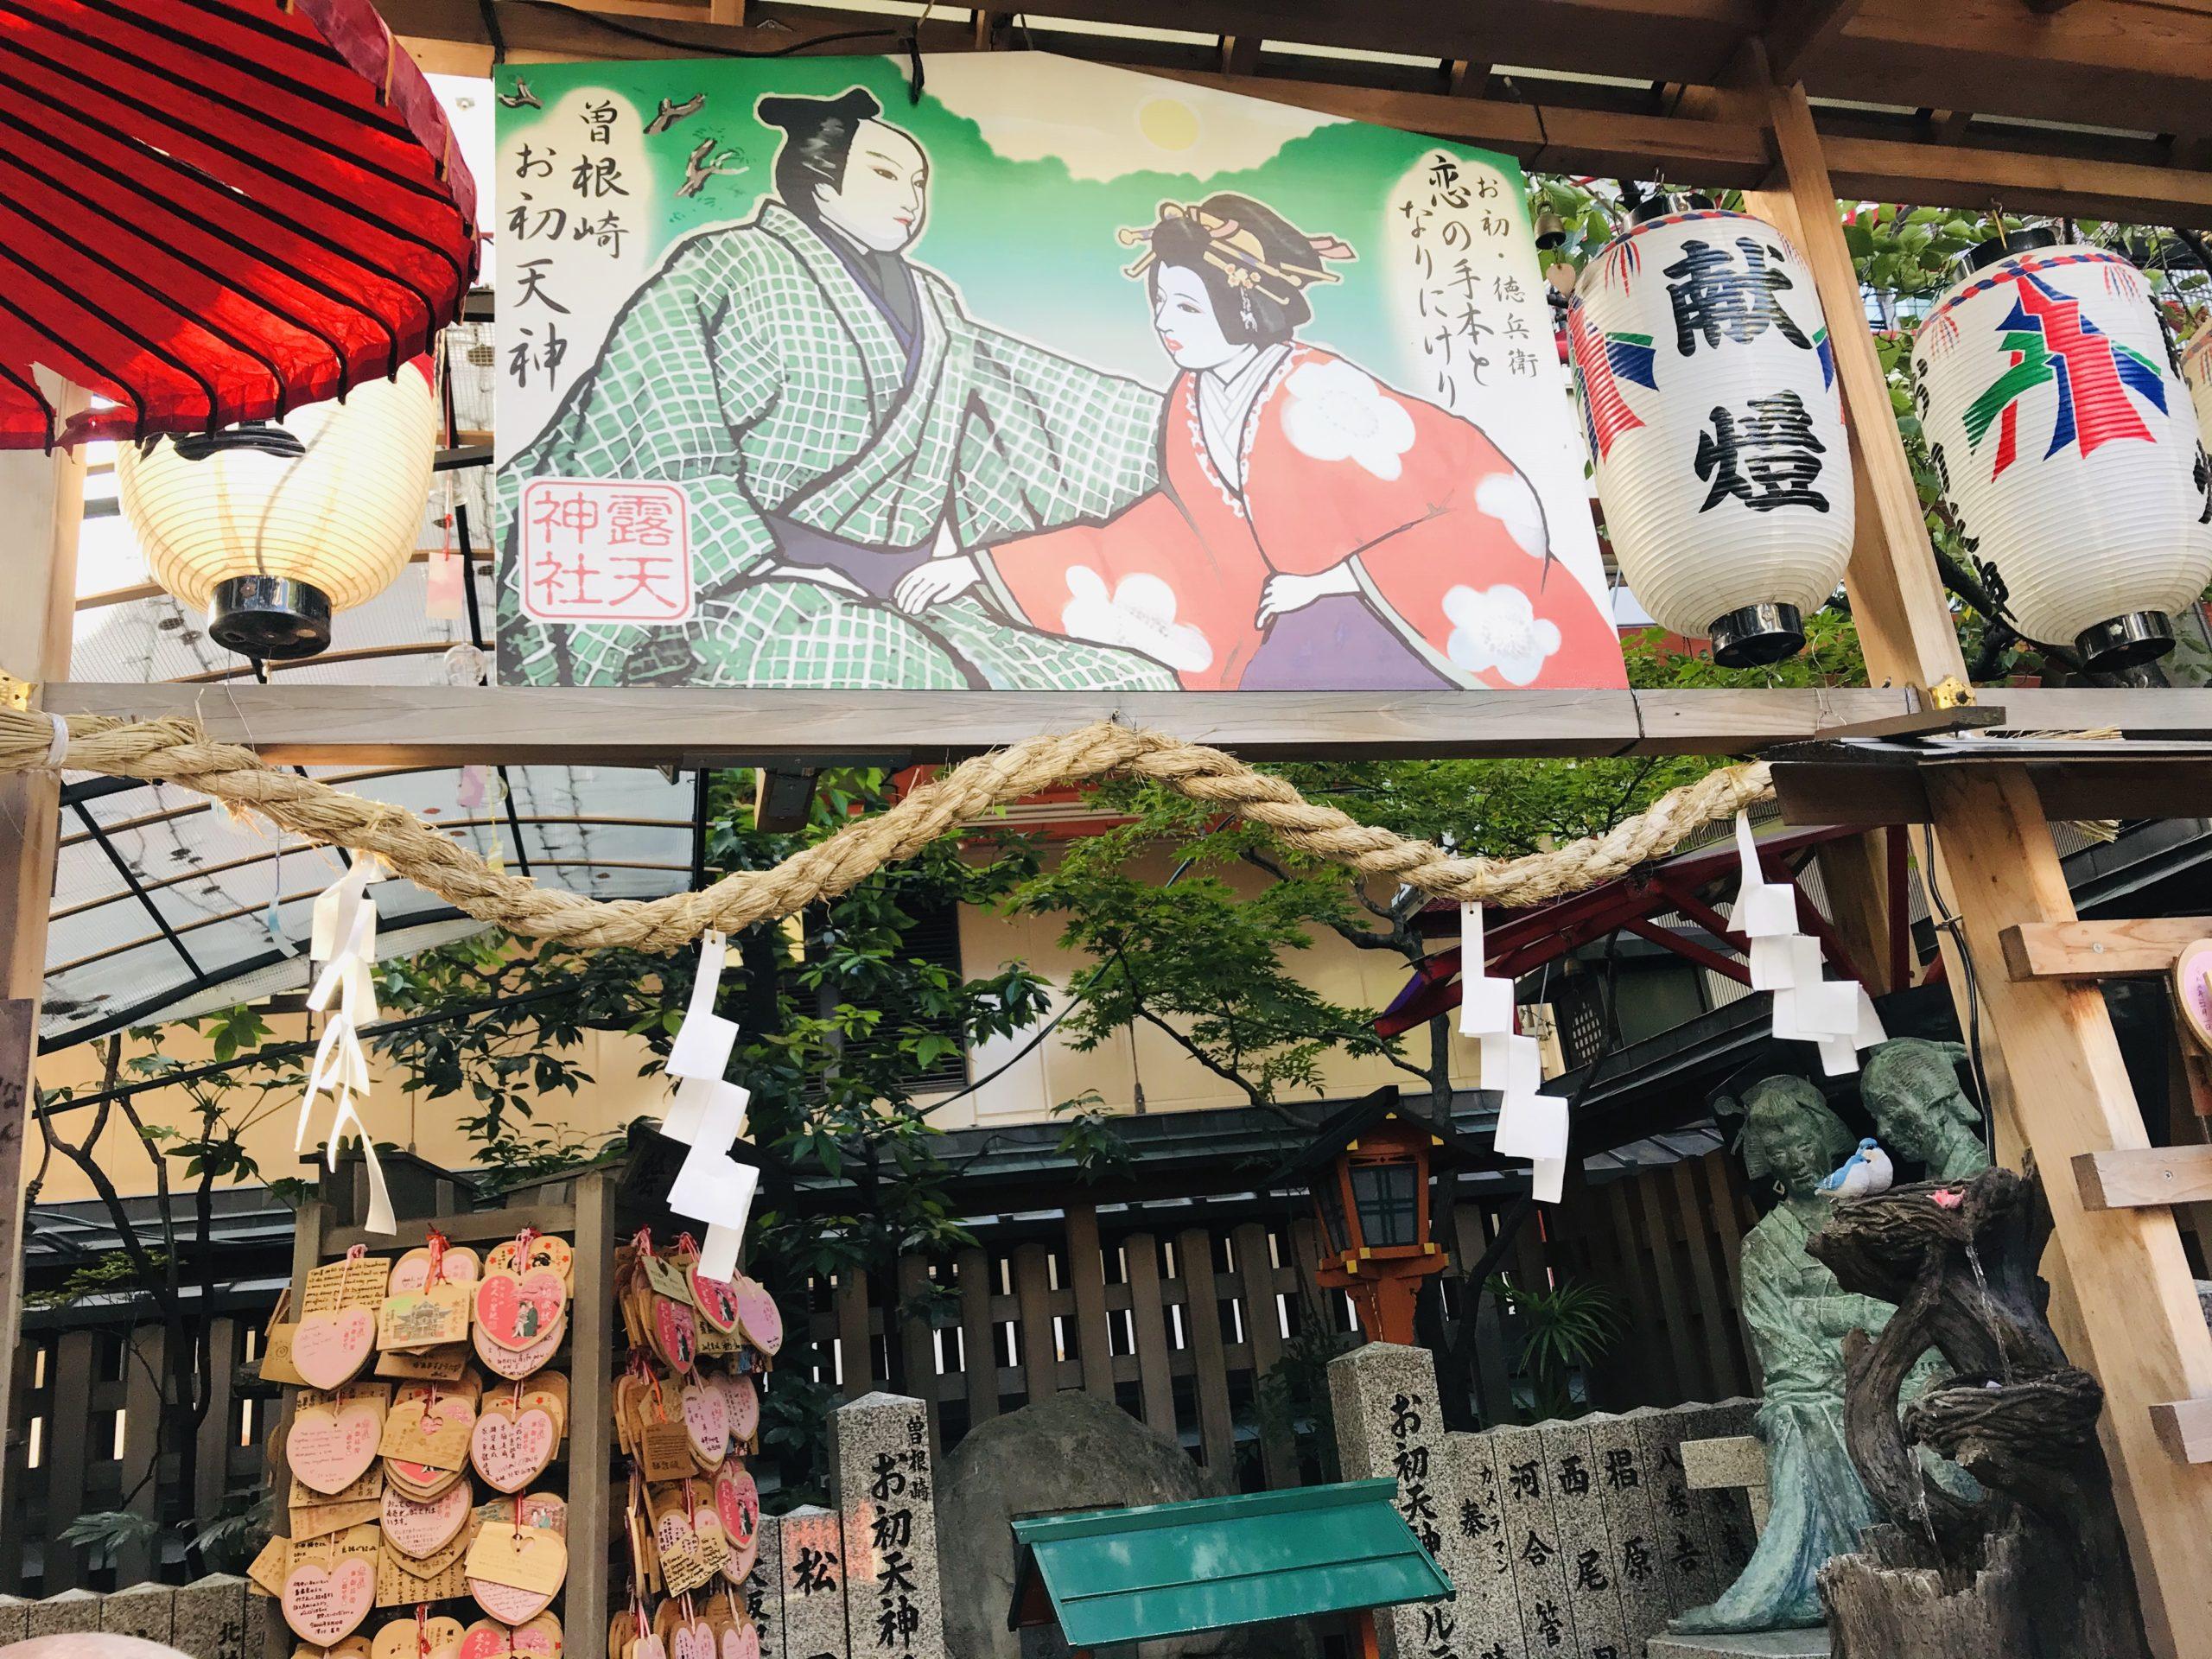 曾根崎心中の舞台露天神社へ